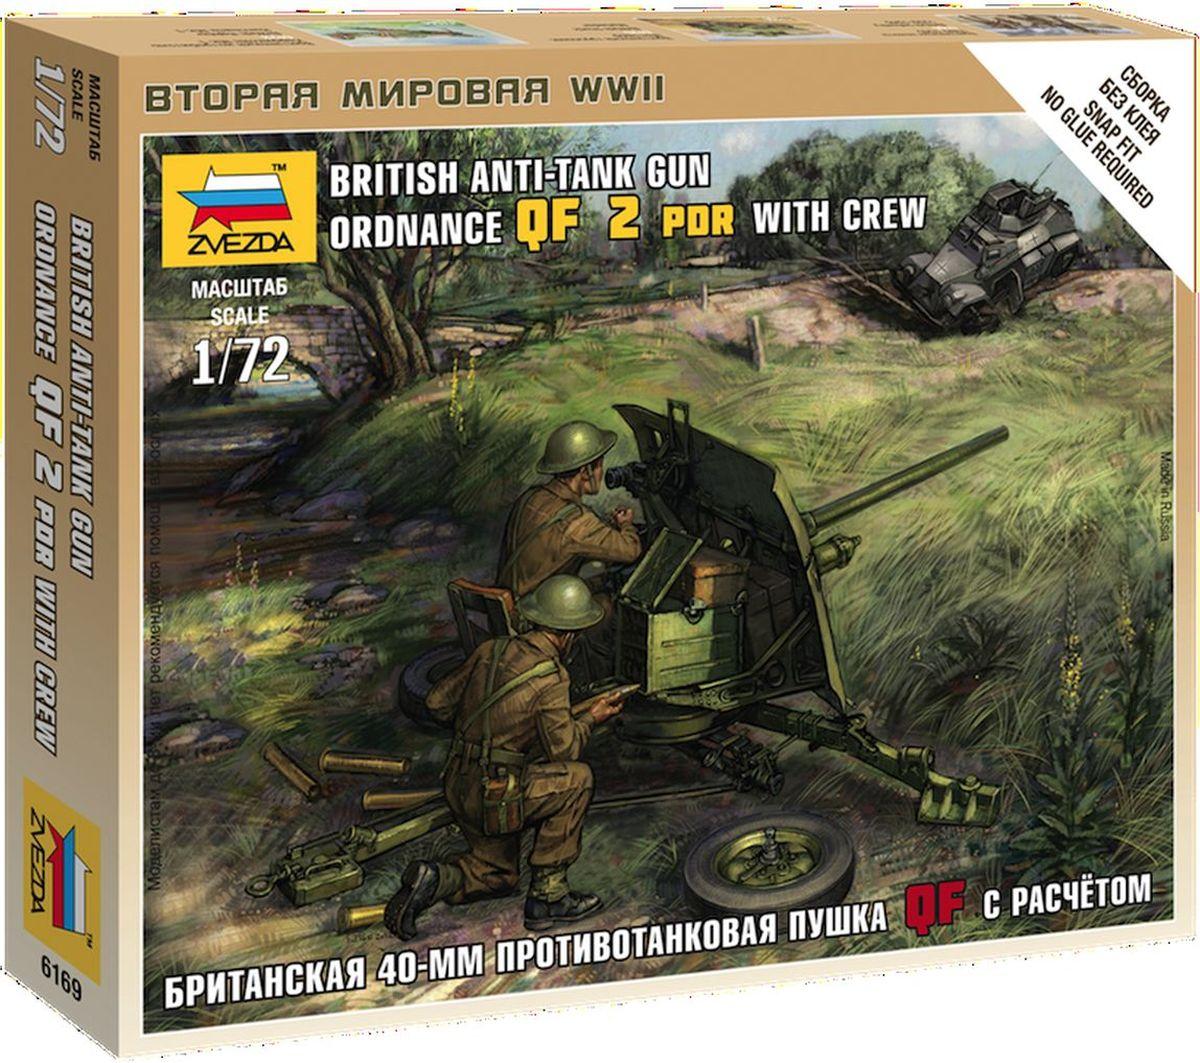 Звезда Сборная модель Британская противотанковая пушка QF-2-pdr с расчетом6169С помощью сборной модели Звезда Британская противотанковая пушка QF-2-pdr с расчетом вы и ваш ребенок сможете собрать уменьшенную копию настоящей британской противотанковой пушки с расчетом времен Второй мировой войны. Набор включает в себя 33 пластиковых элемента для сборки пушки, 2 фигурок и подставки с флагом, а также инструкцию на русском языке. Сборка без клея! Орудие разрабатывалось в начале 30-х годов, и к началу войны сильно устарело. По опыту боёв во Франции, было решено поменять двухфунтовку, на новую мощную пушку. Однако, простота в изготовлении и лёгкая обучаемость на неё экипажа, позволили простоять на вооружении британской армии до начала лета 1942 года. В итоге, в Африке, англичане испытывали сложности в борьбе с танками противника. Процесс сборки развивает интеллектуальные и инструментальные способности, воображение и конструктивное мышление, а также прививает практические навыки работы со схемами и чертежами. Модель не раскрашена. Краски...